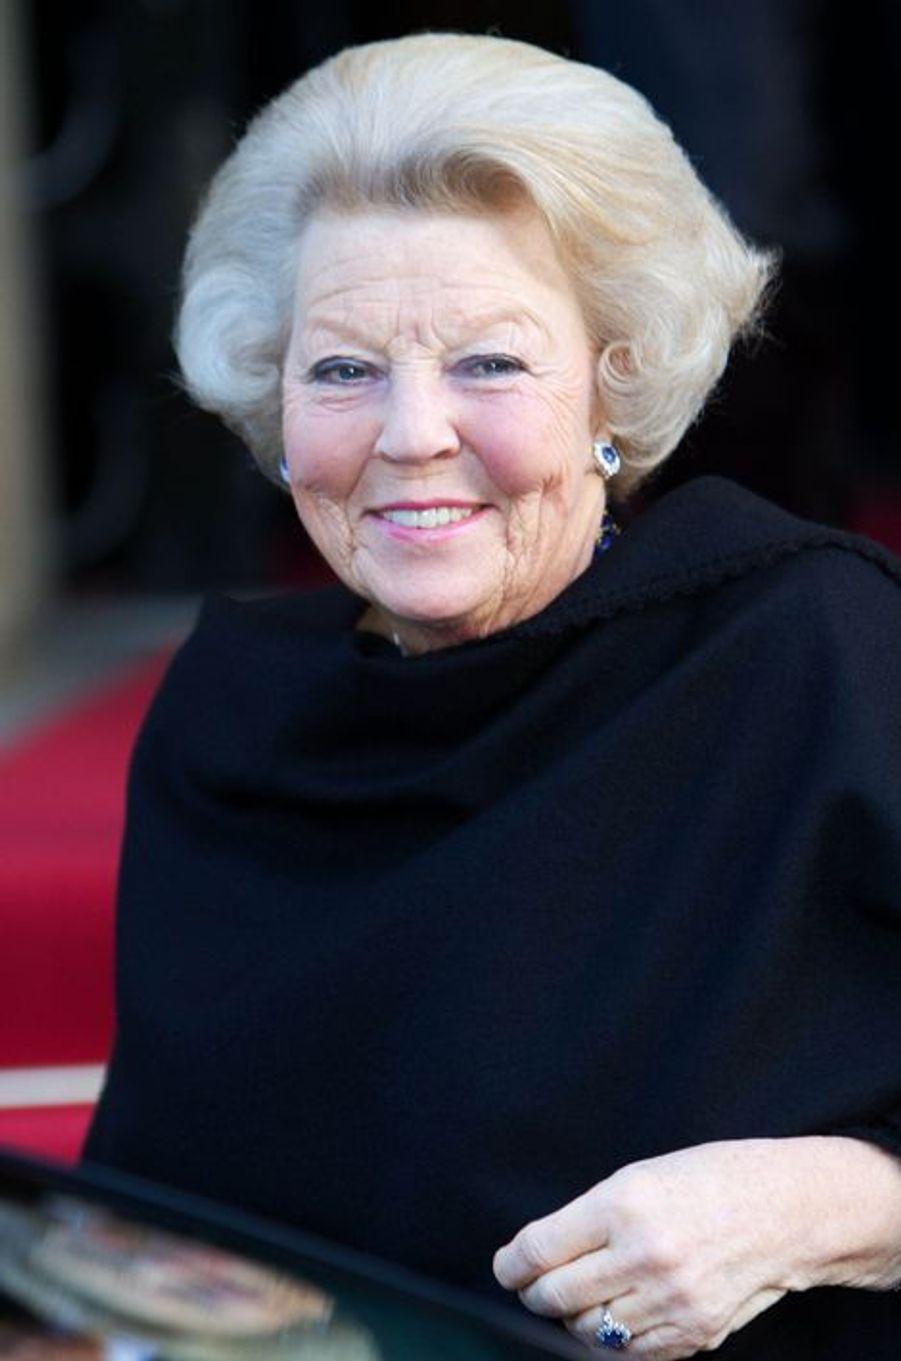 La princesse Beatrix des Pays-Bas au prix du prince Claus à Amsterdam, le 10 décembre 2014